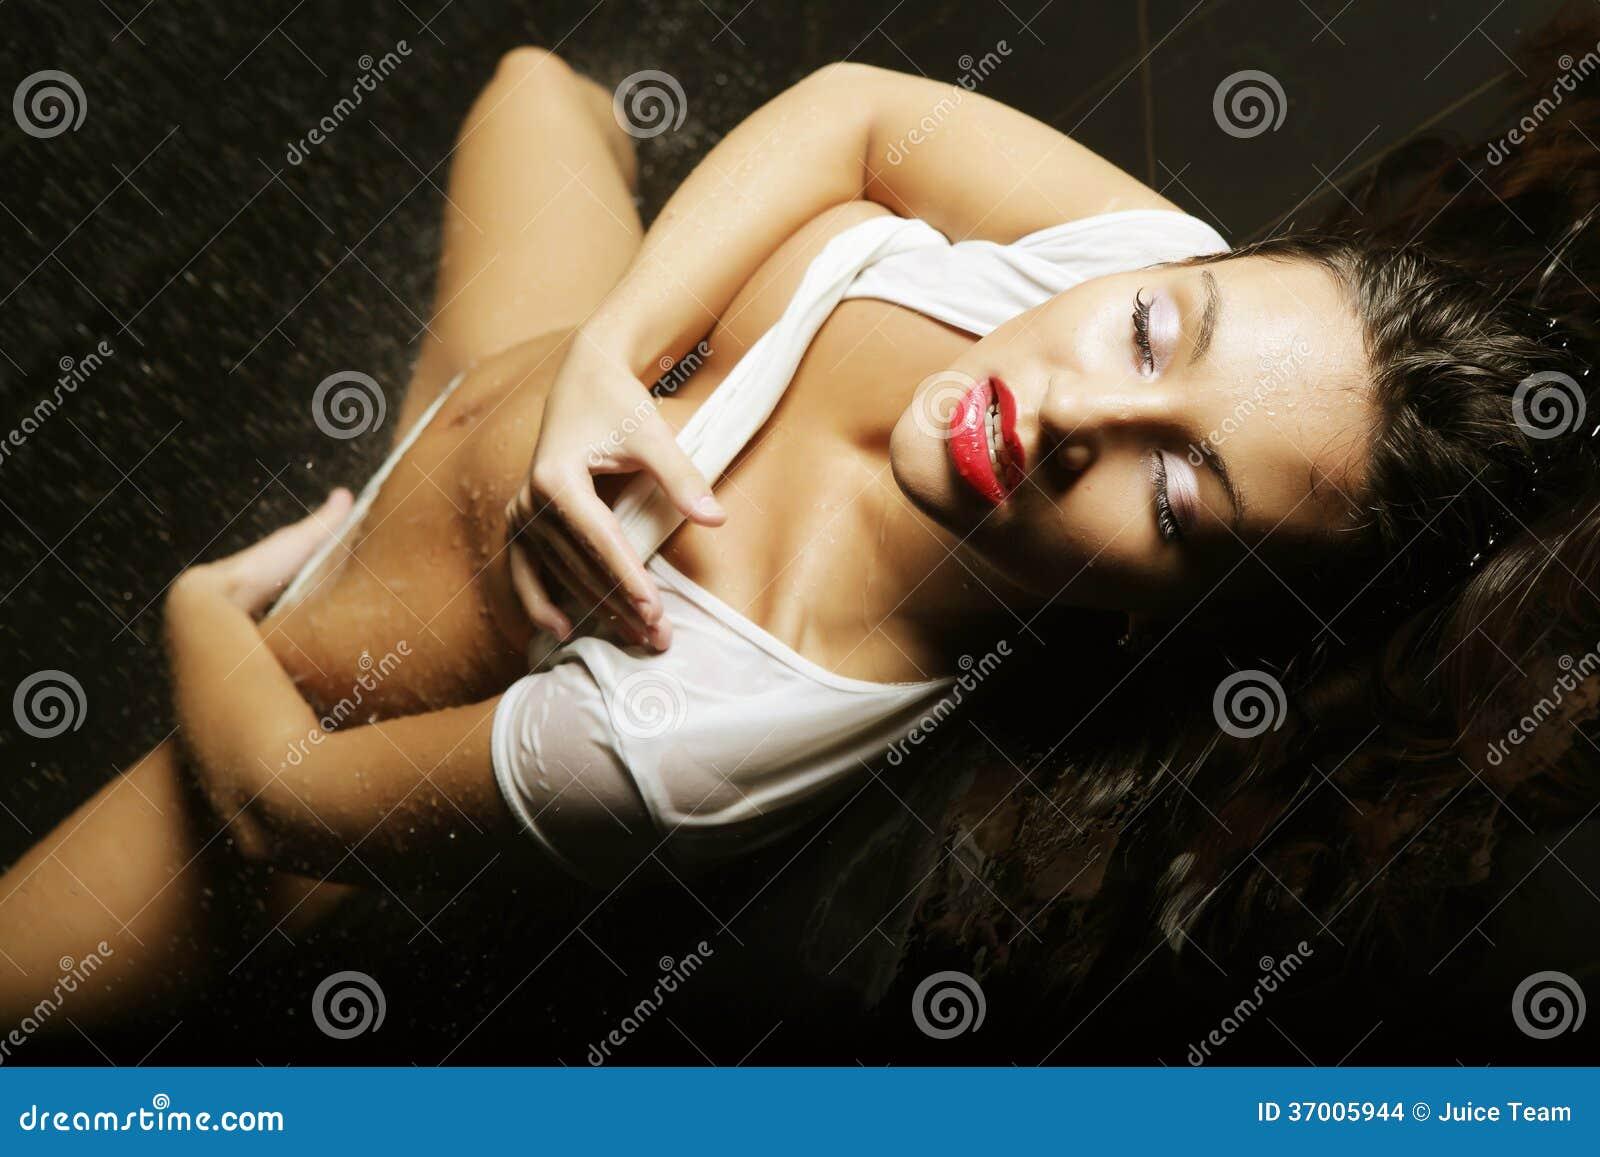 Выразительная сексуальность красотки